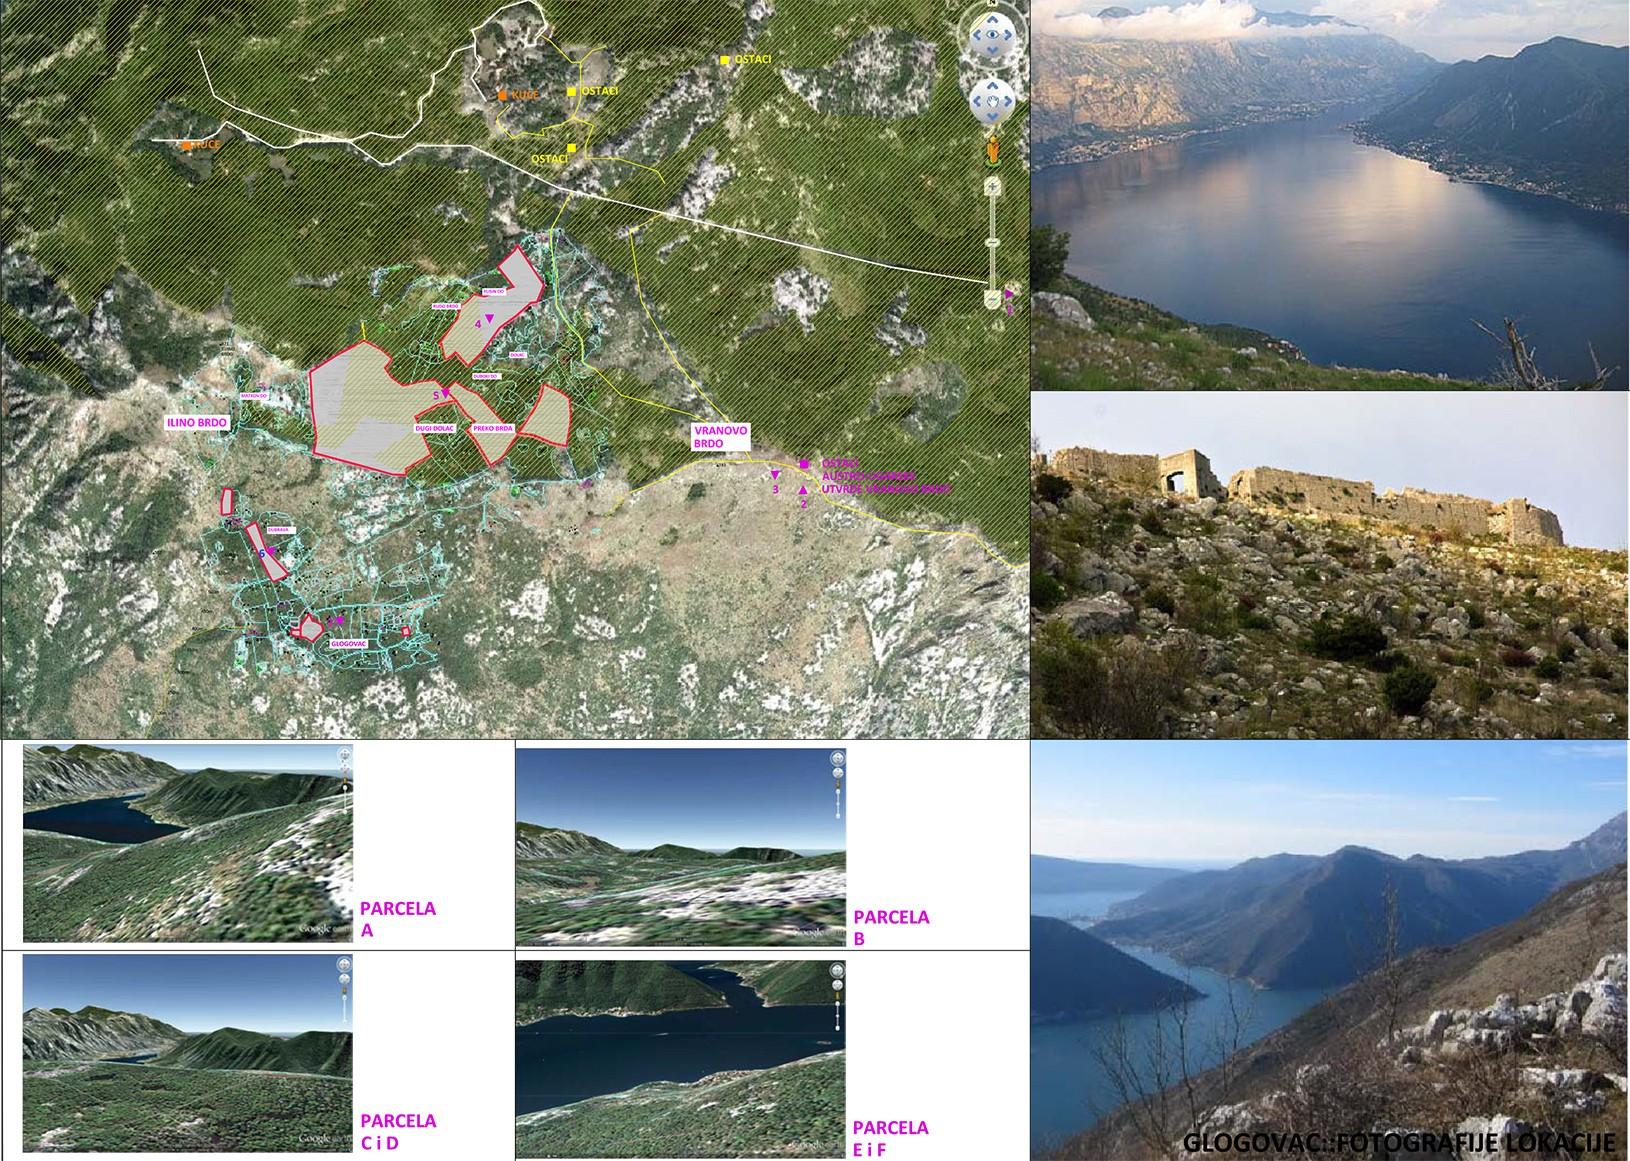 Glogovac, Crna Gora, UPI-2M